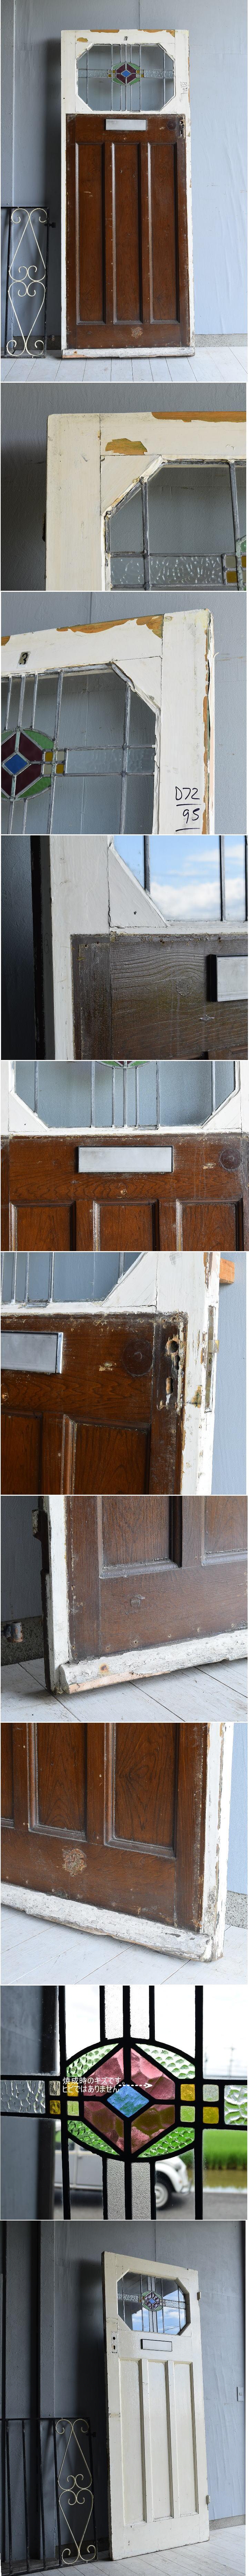 イギリス アンティーク ステンドグラス入り木製ドア 扉 建具 7116